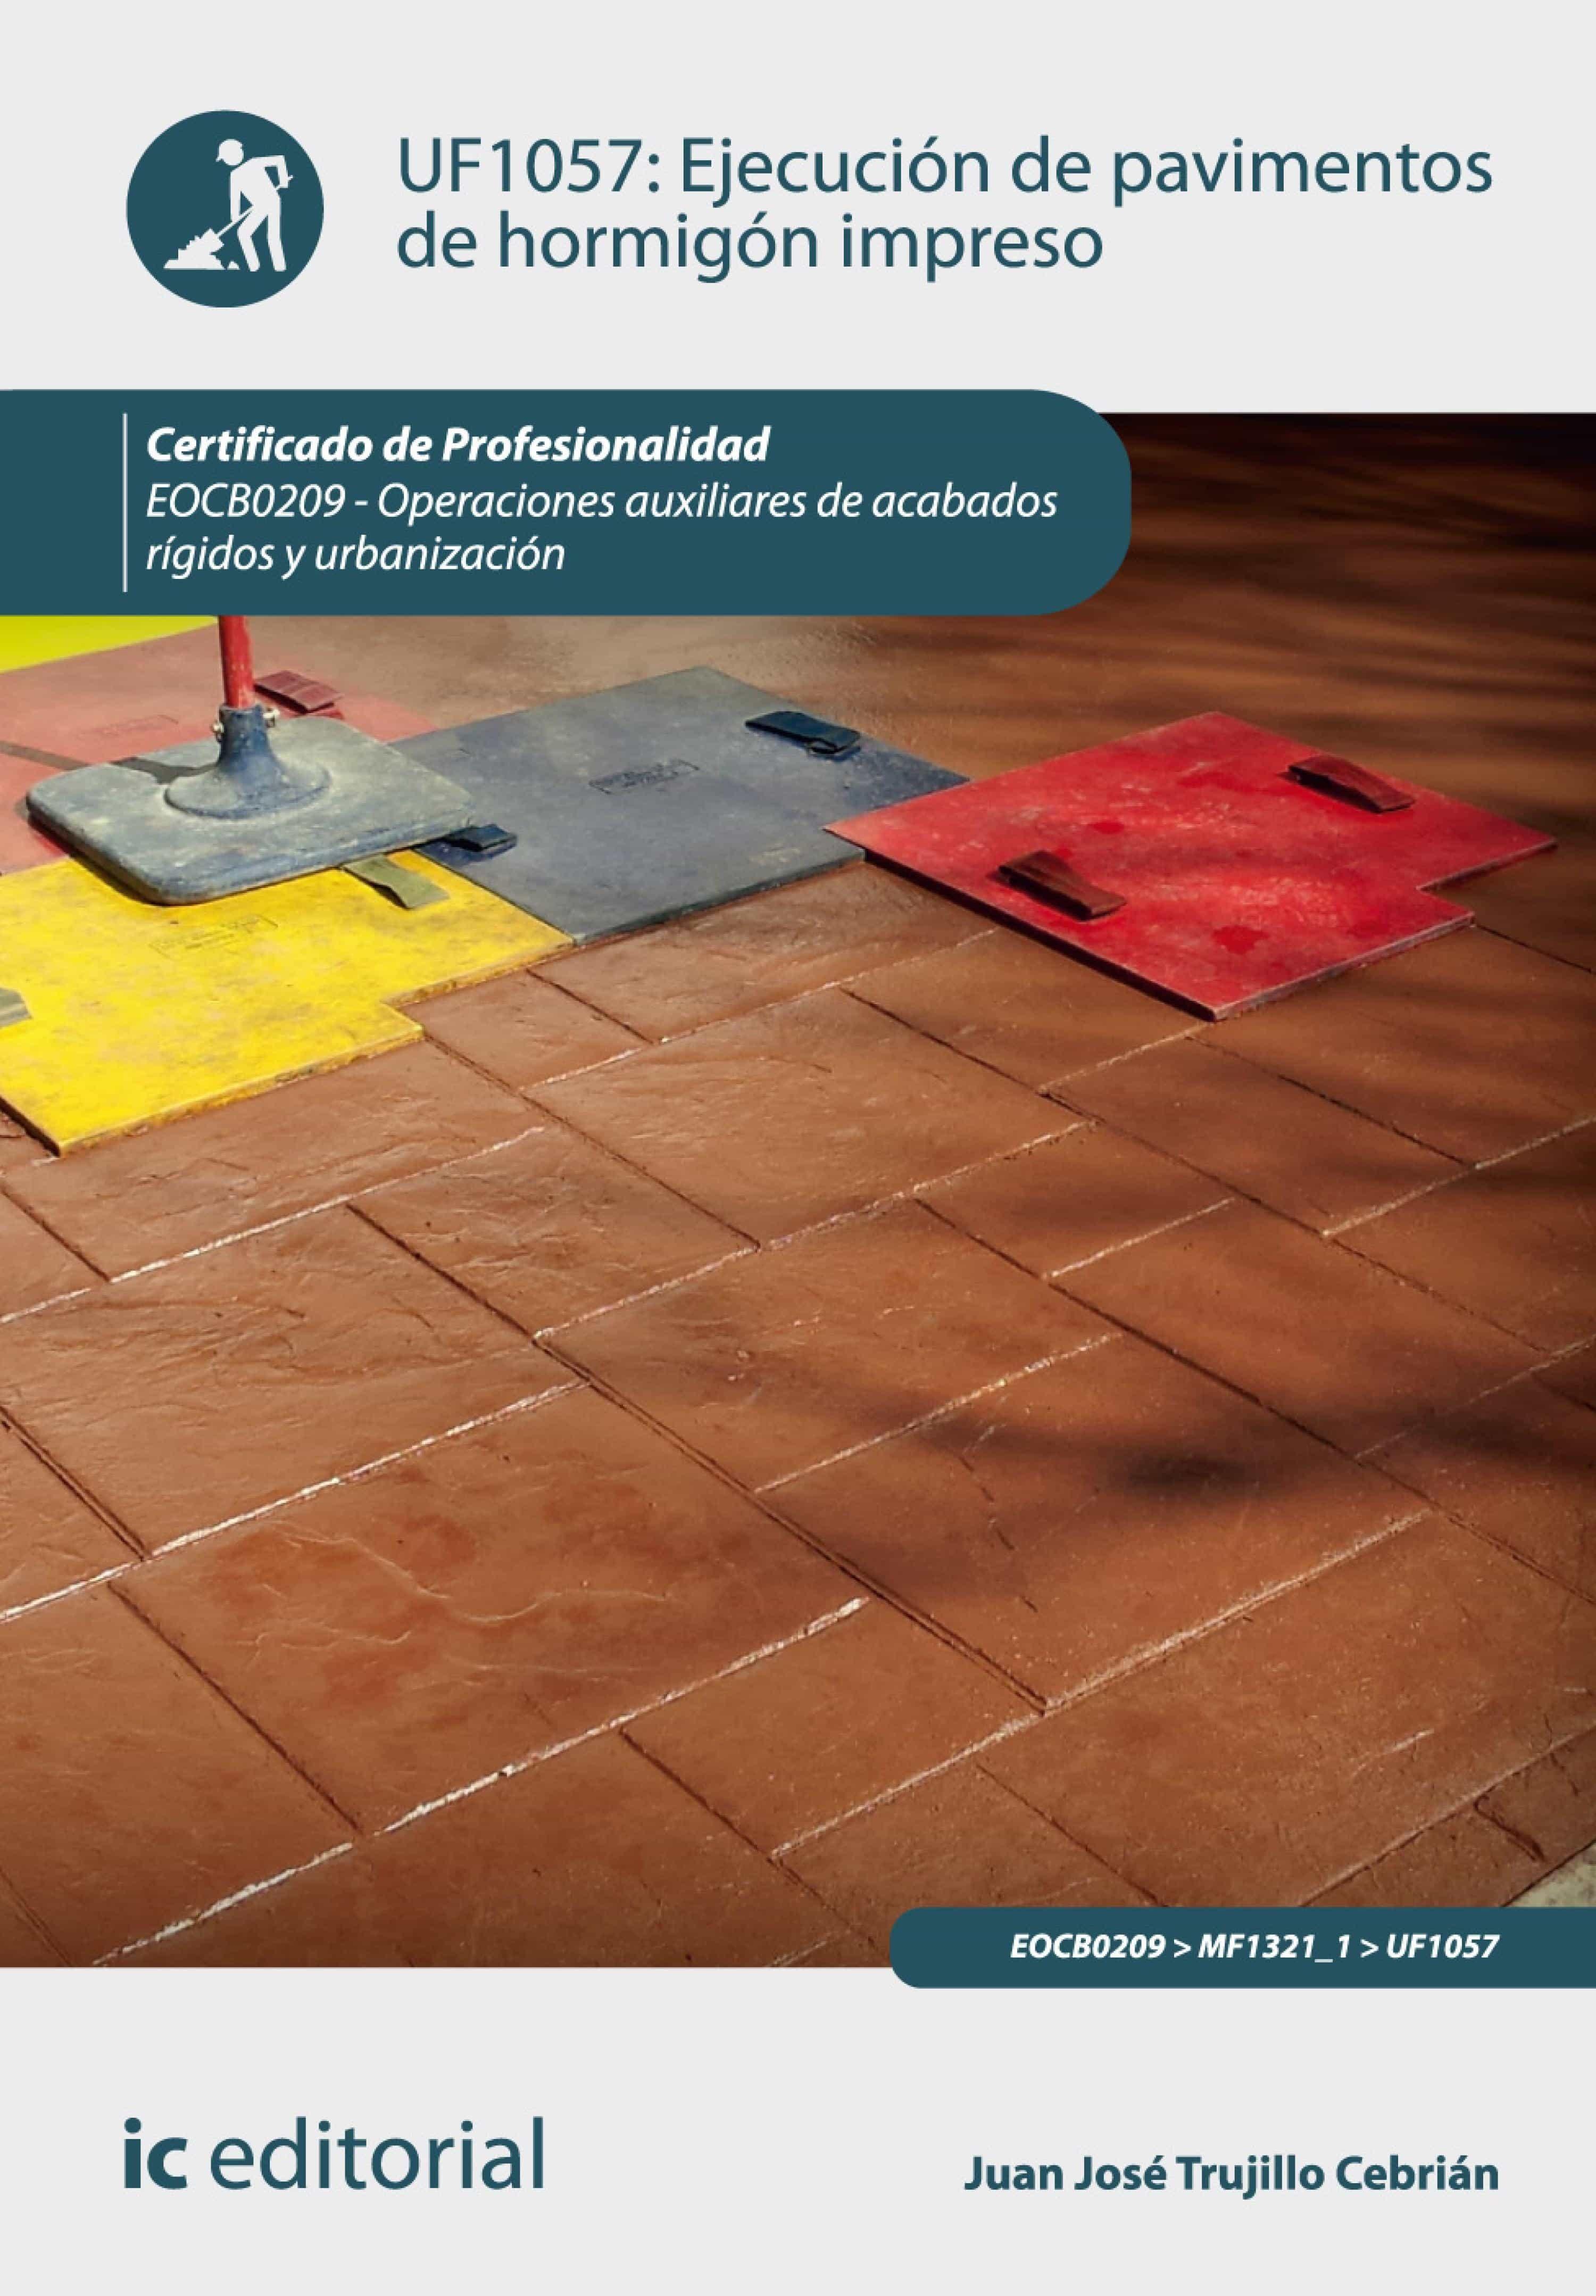 Ejecuci n de pavimentos de hormig n impreso eocb0209 for Corte de pavimentos de hormigon